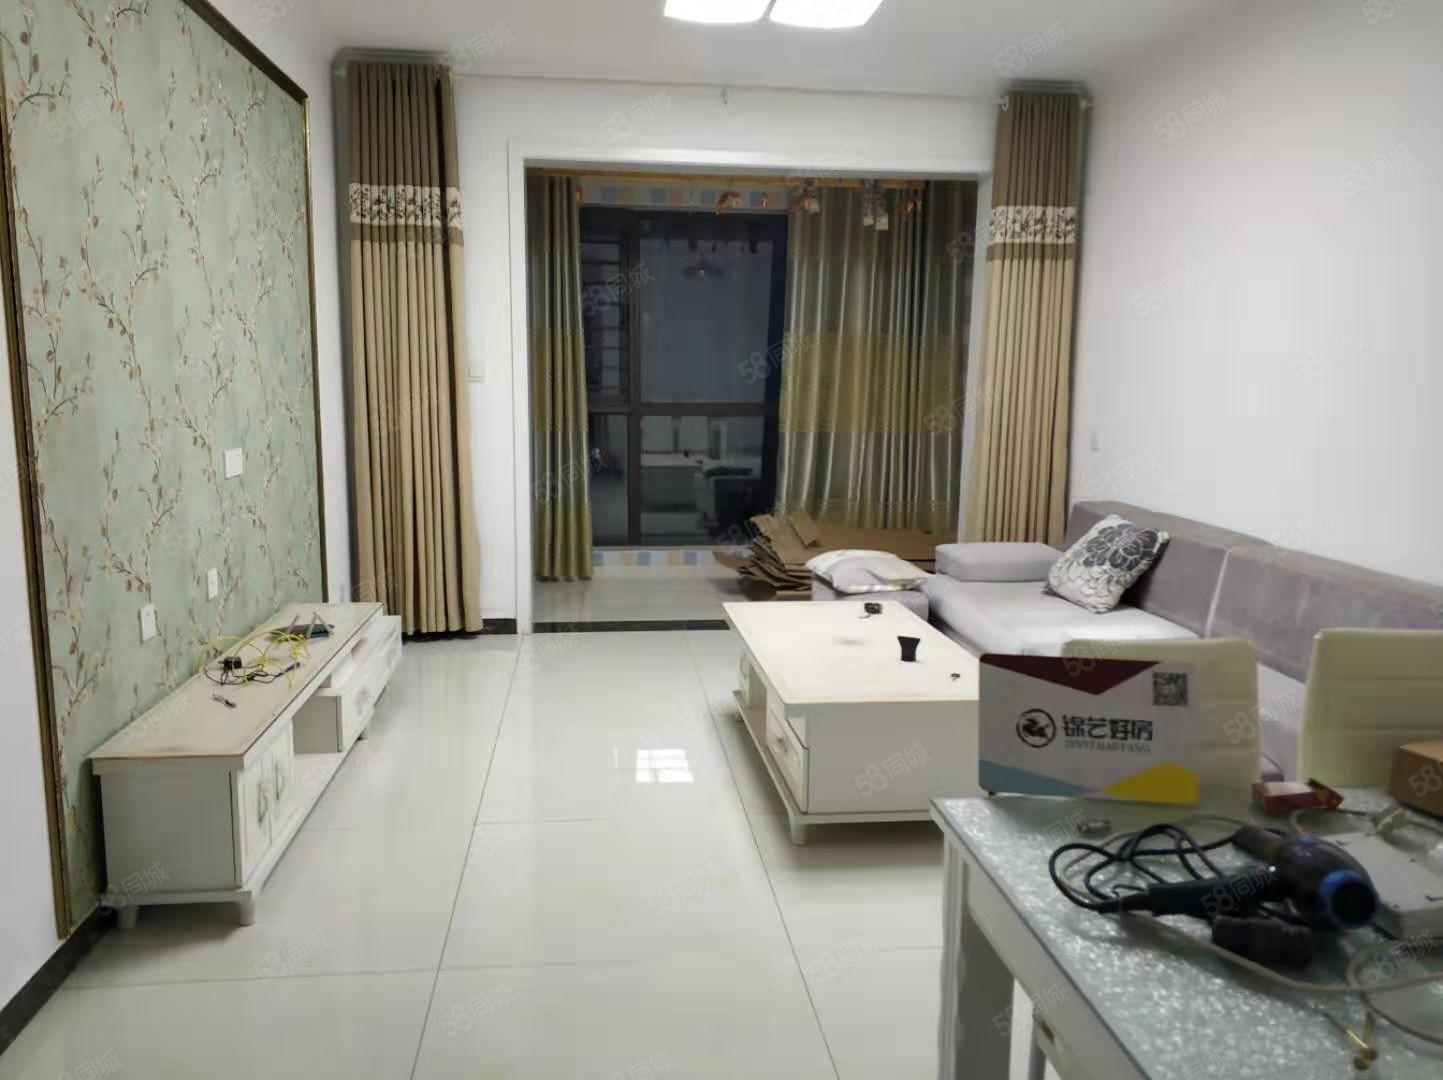 双湖大道龙湖锦艺城精装大三房出租家电齐全随时可看